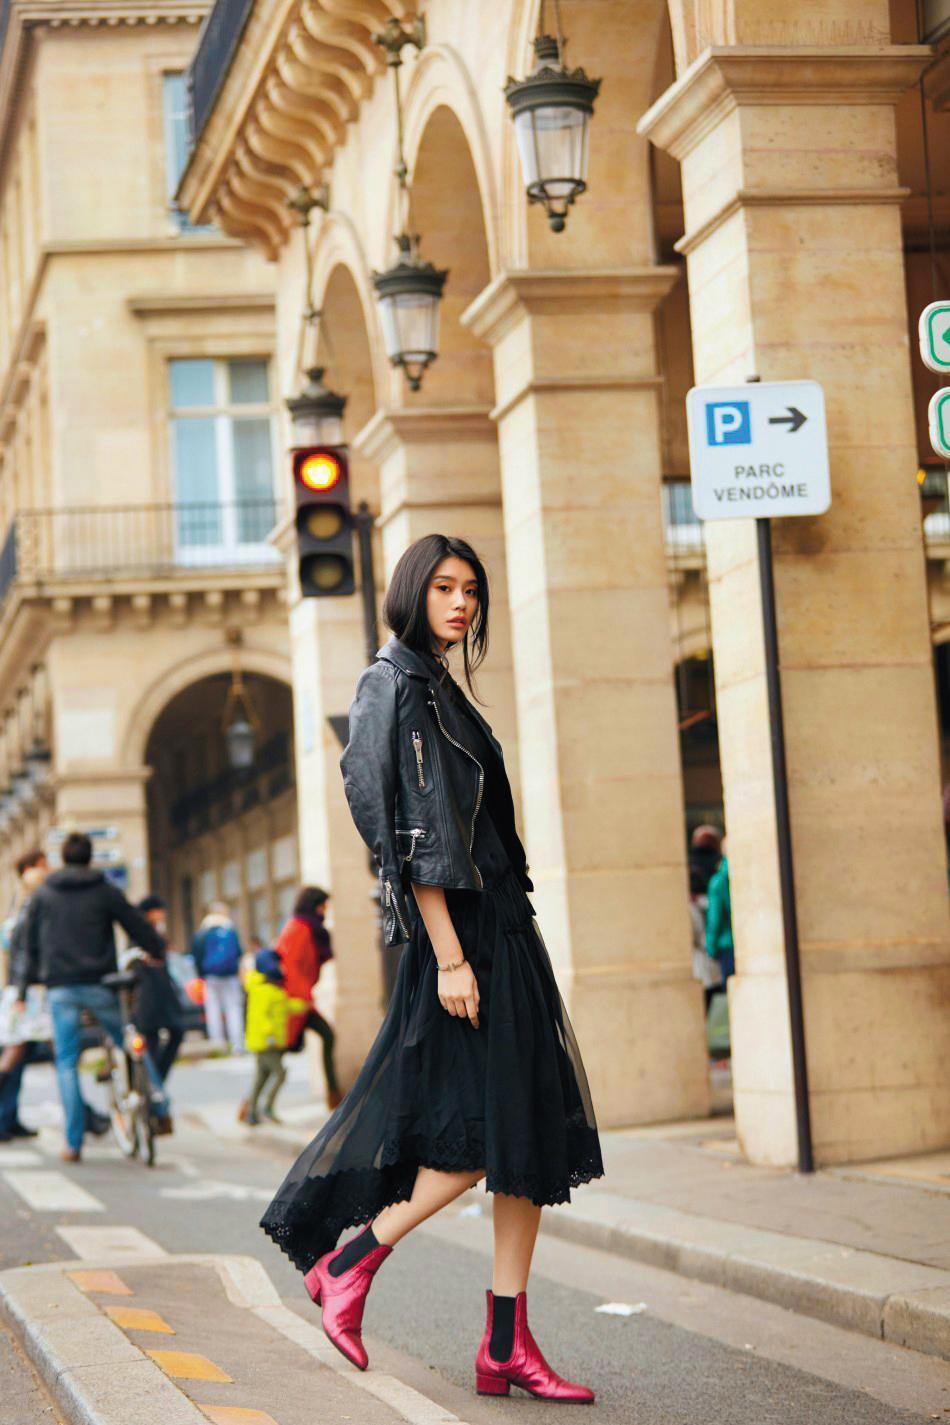 超模奚夢瑤的街拍照片,用黑色皮衣、亮面紅色短靴,搭配前短後長不規則剪裁的紗裙,不強調女人味,卻充滿濃濃的個性美,是只有超模才能詮釋出的強大氣場。(東方IC)